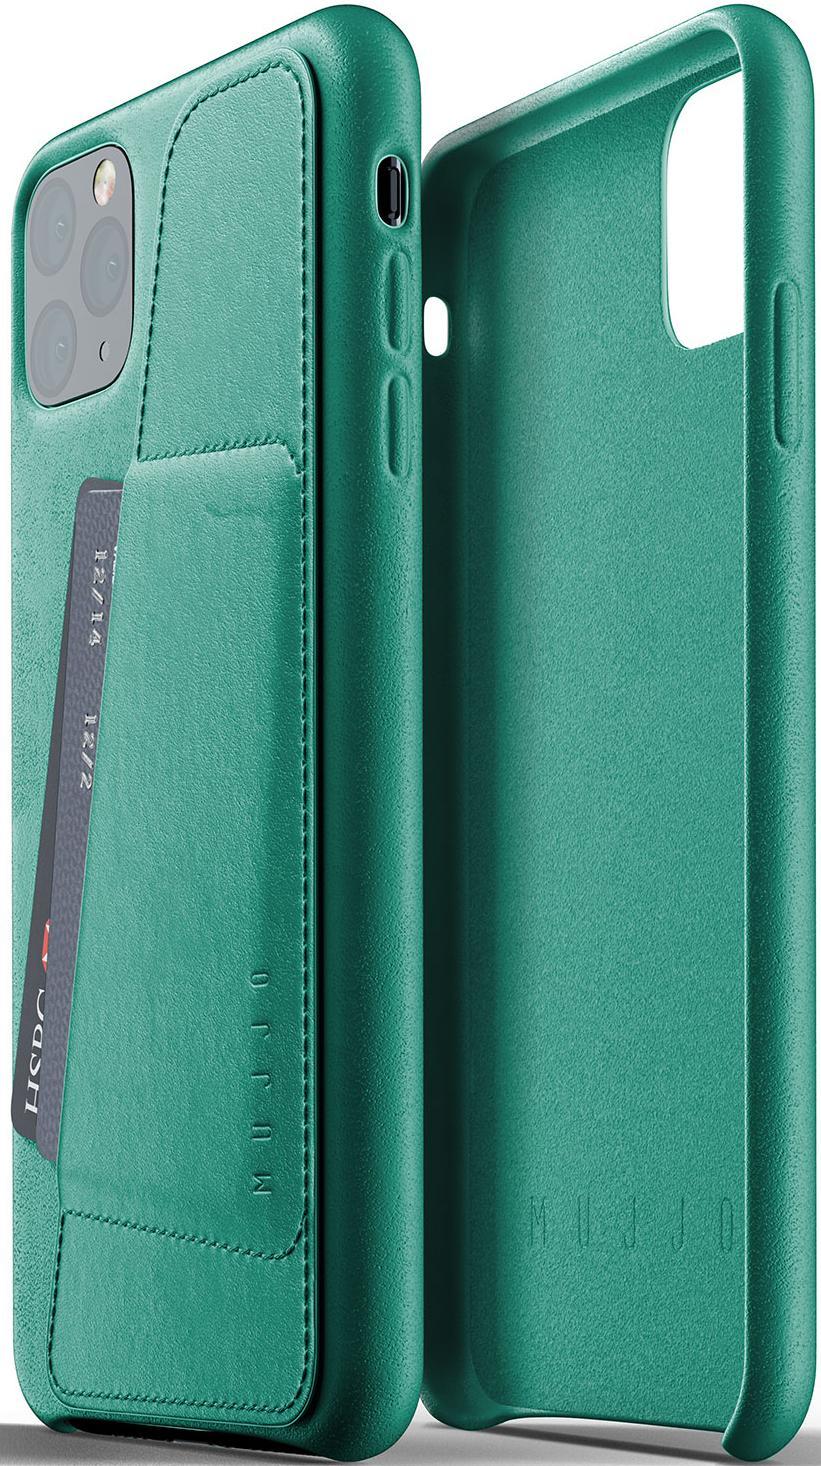 Аксесуари для мобільних телефонів, Чохол MUJJO for iPhone 11 Pro Max - Full Leather Wallet Alpine Green (MUJJO-CL-004-GR)  - купить со скидкой